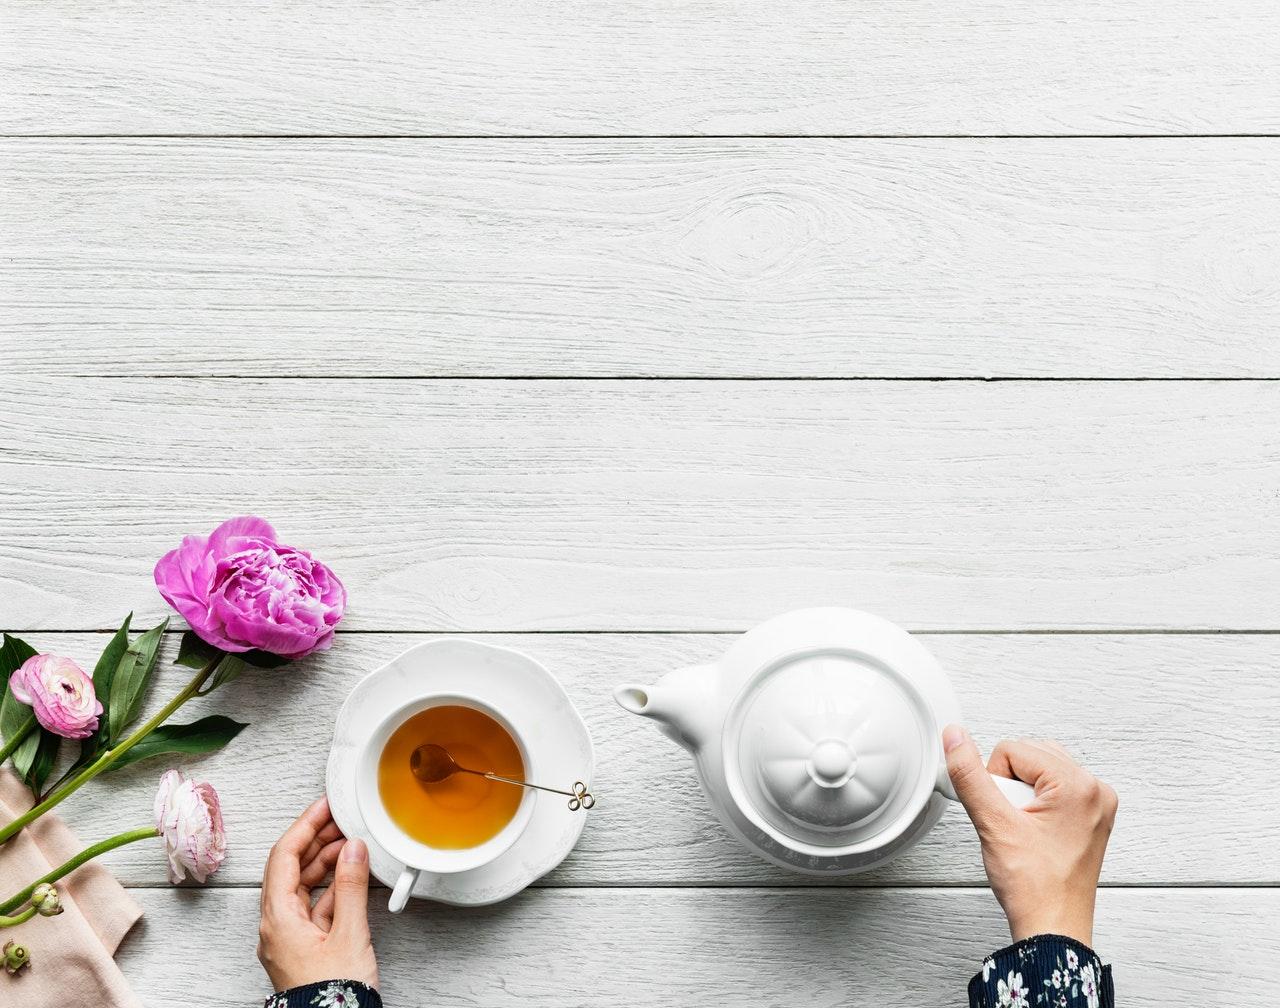 Herbaciane przyjęcia —jak zorganizować je w domu?